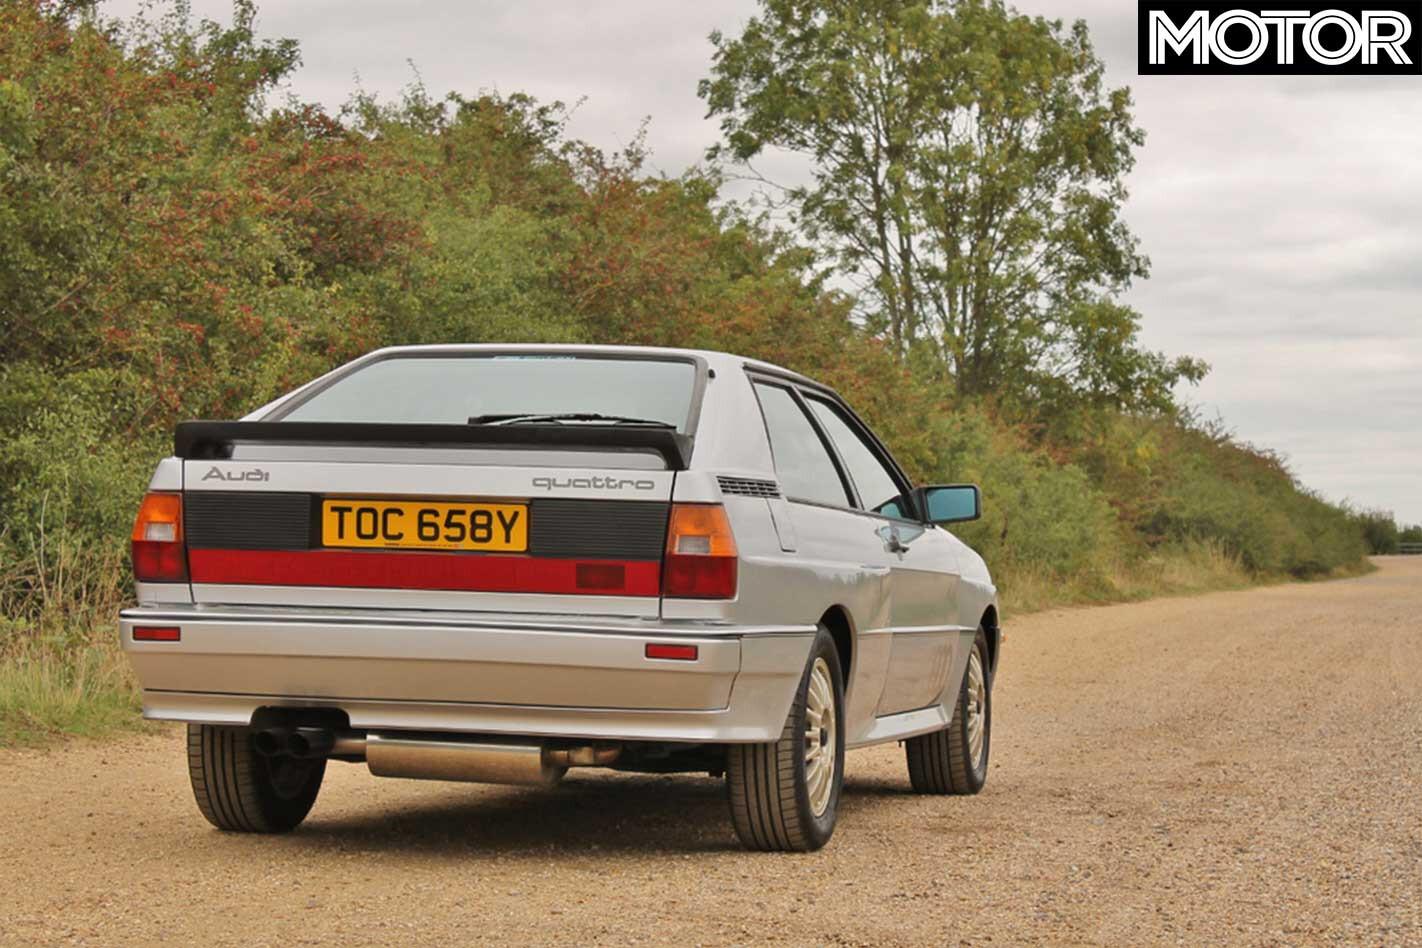 Pre Production RHD Audi Quattro Rear Jpg